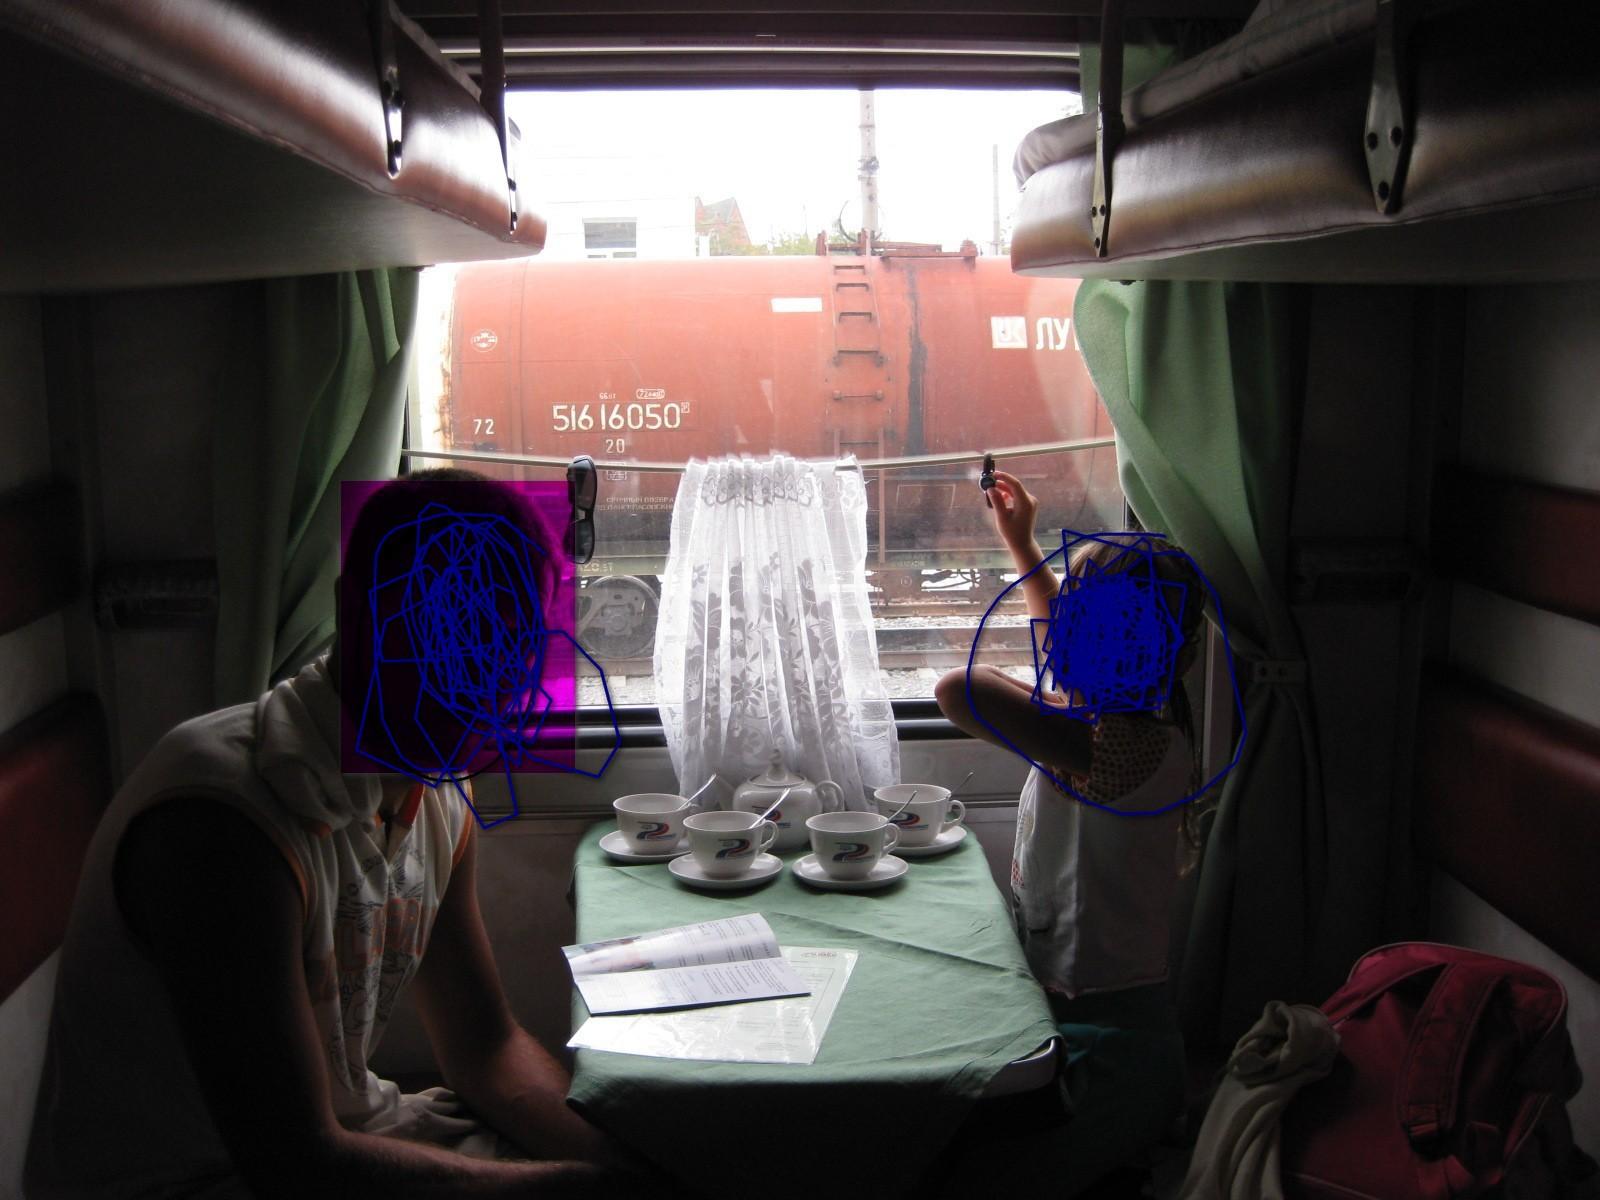 поезд нижний тагил новороссийск фото купе накаченными